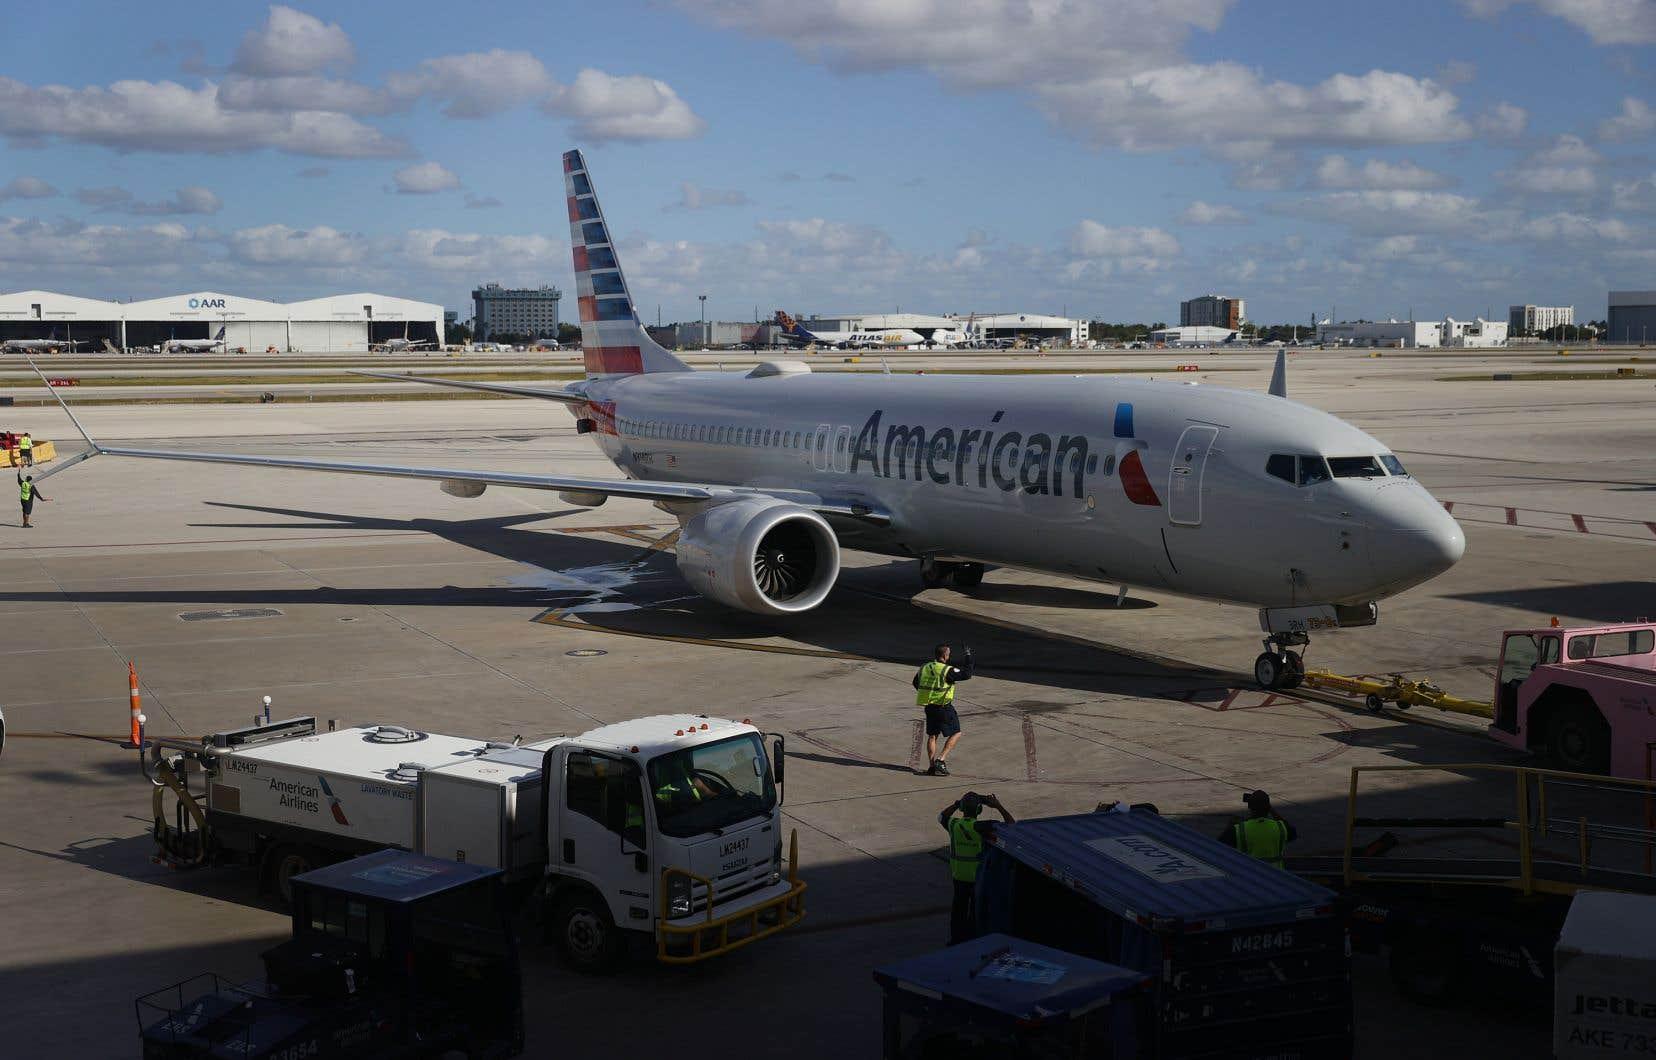 Après avoir passé 20 mois au sol, sur des tarmacs d'aéroports ou dans des entrepôts, le 737 MAX est de nouveau autorisé à voler aux États-Unis depuis mi-novembre.